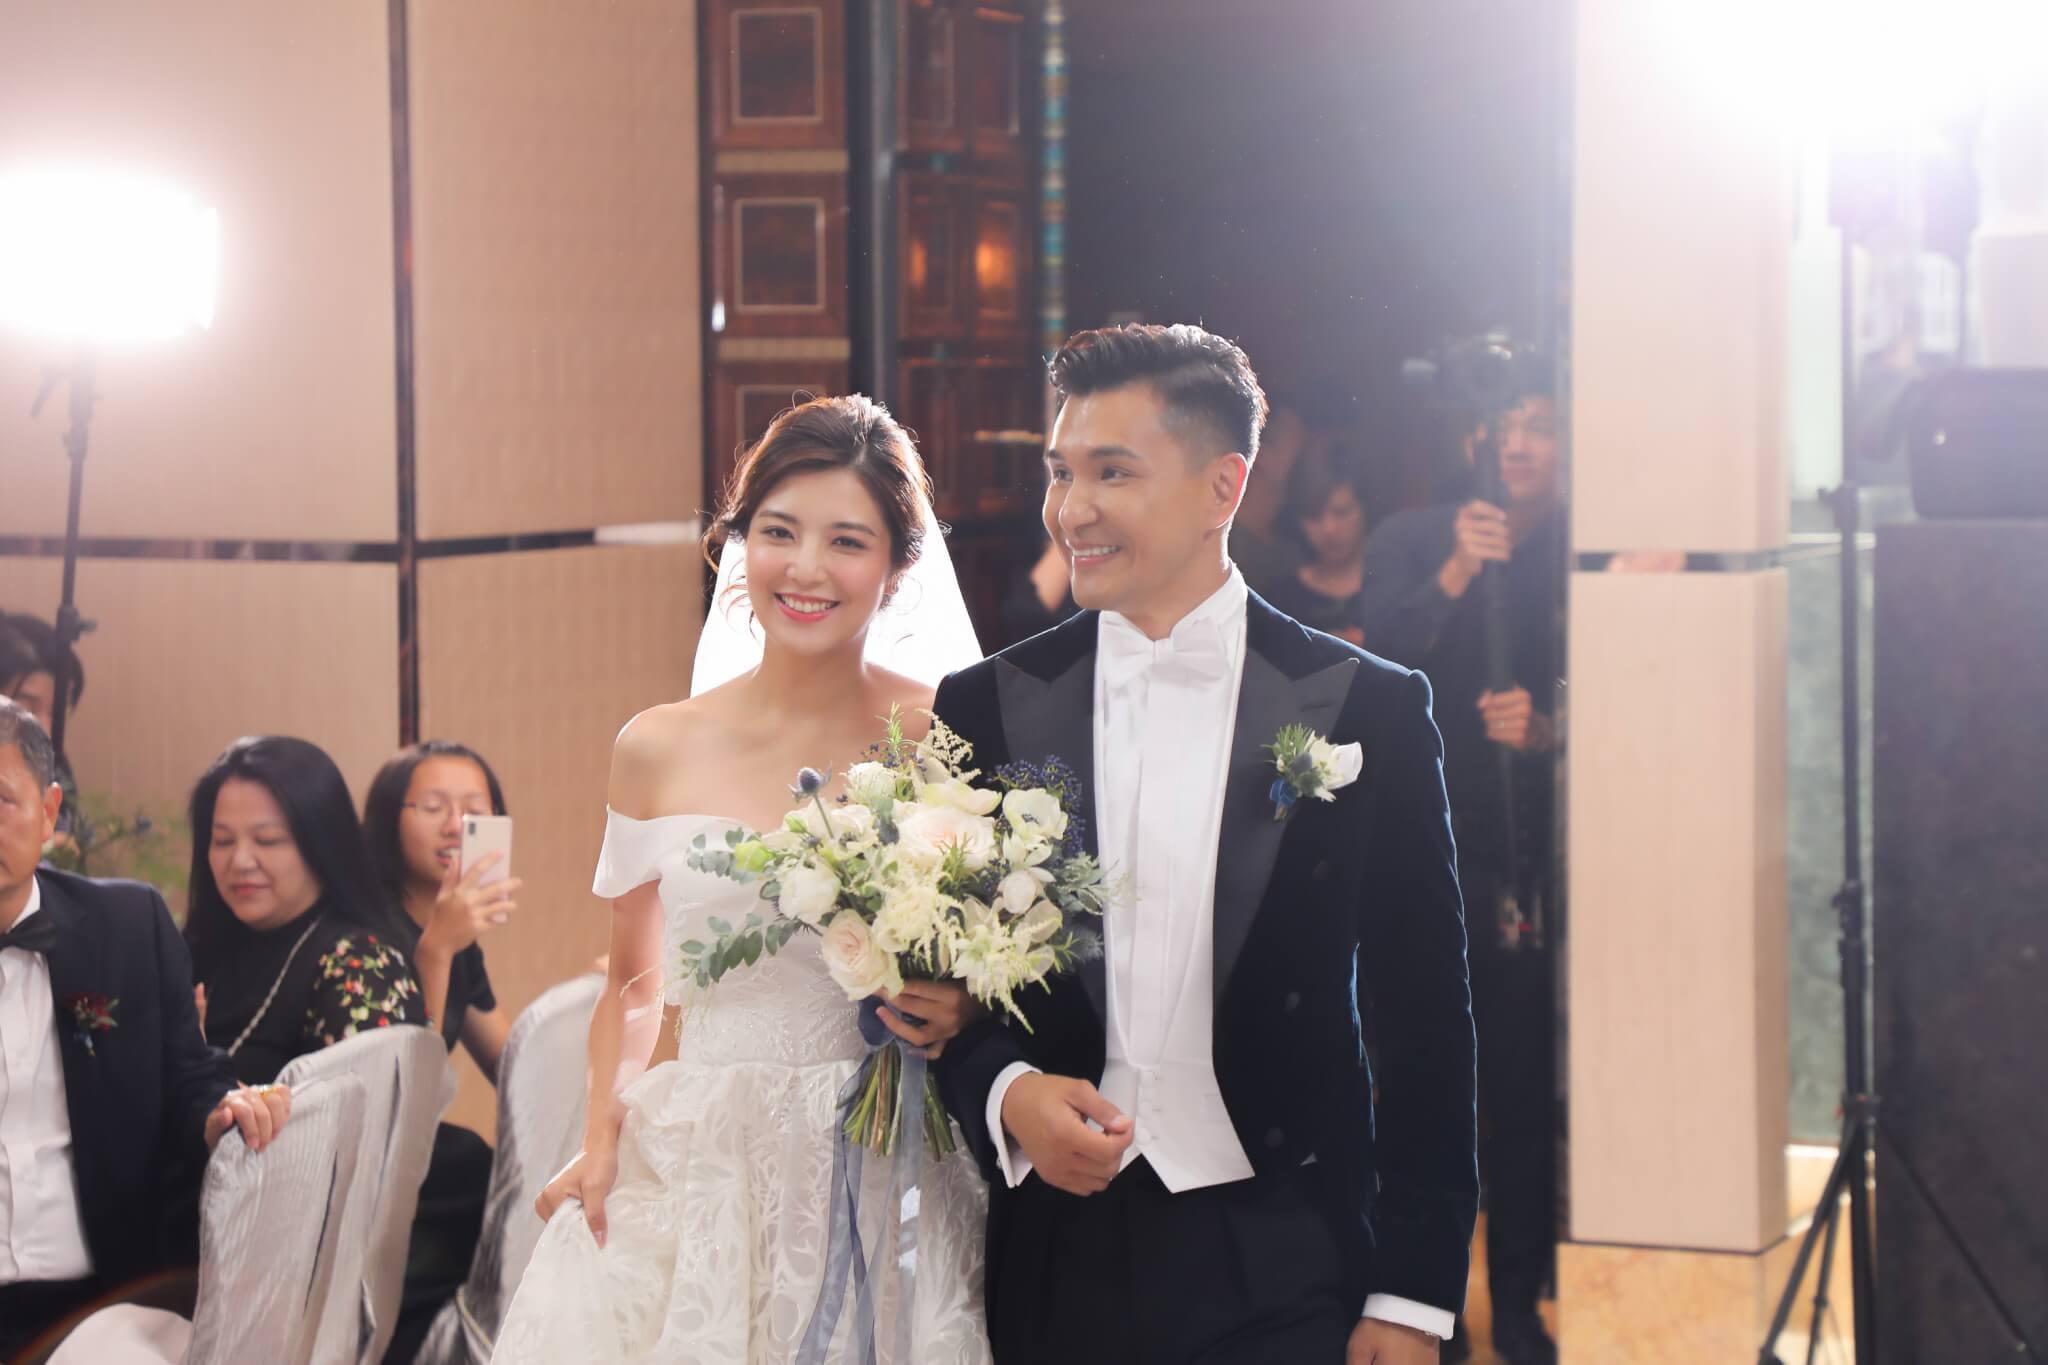 2018年9月10日,單文柔與陳展鵬雙方公布婚訊;10月13日,二人於遊艇上進行簽字註冊儀式,晚上在酒店擺婚宴。